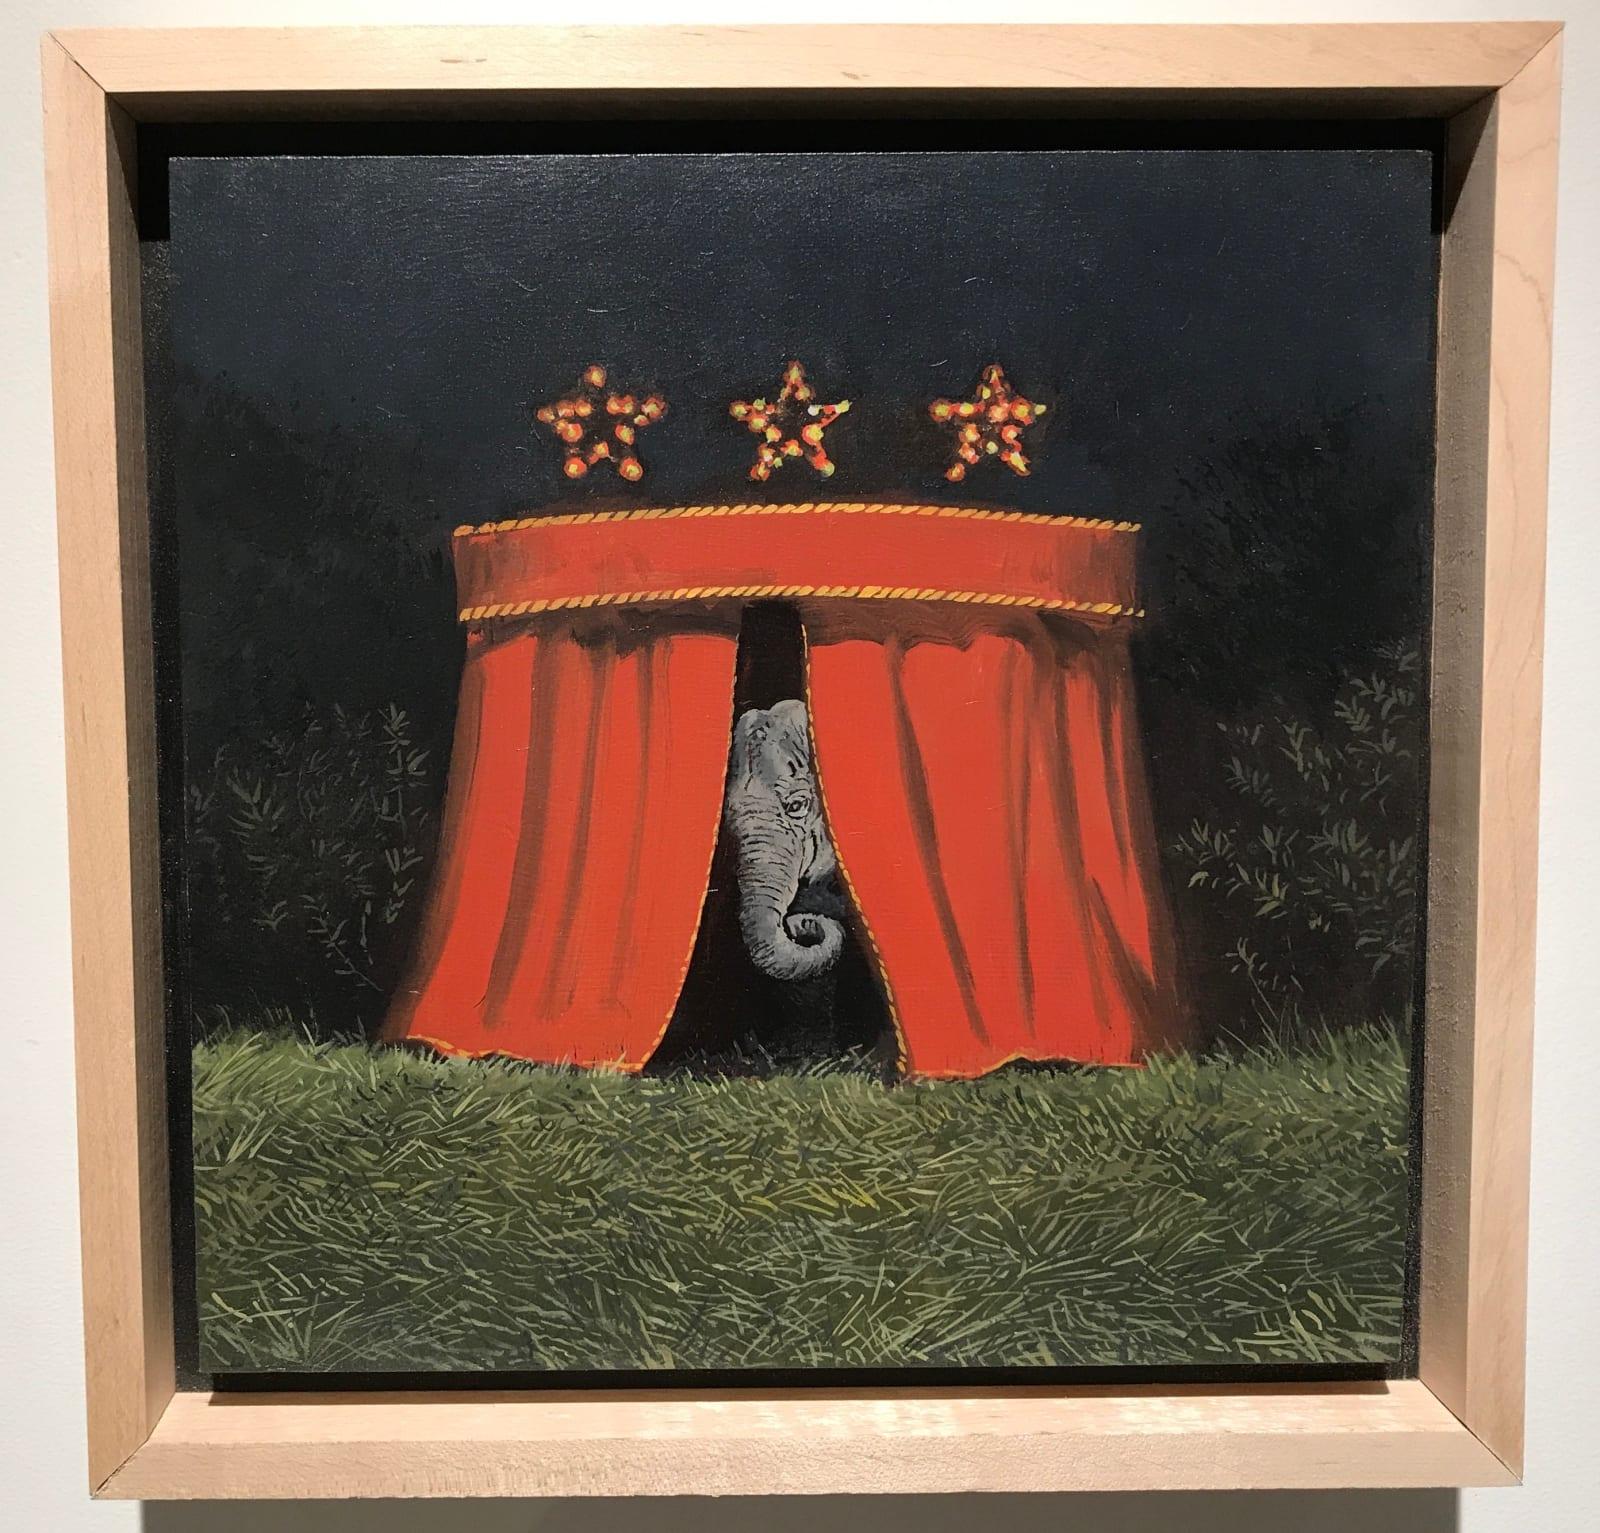 Daniel Blagg, Curtain Call, 2018